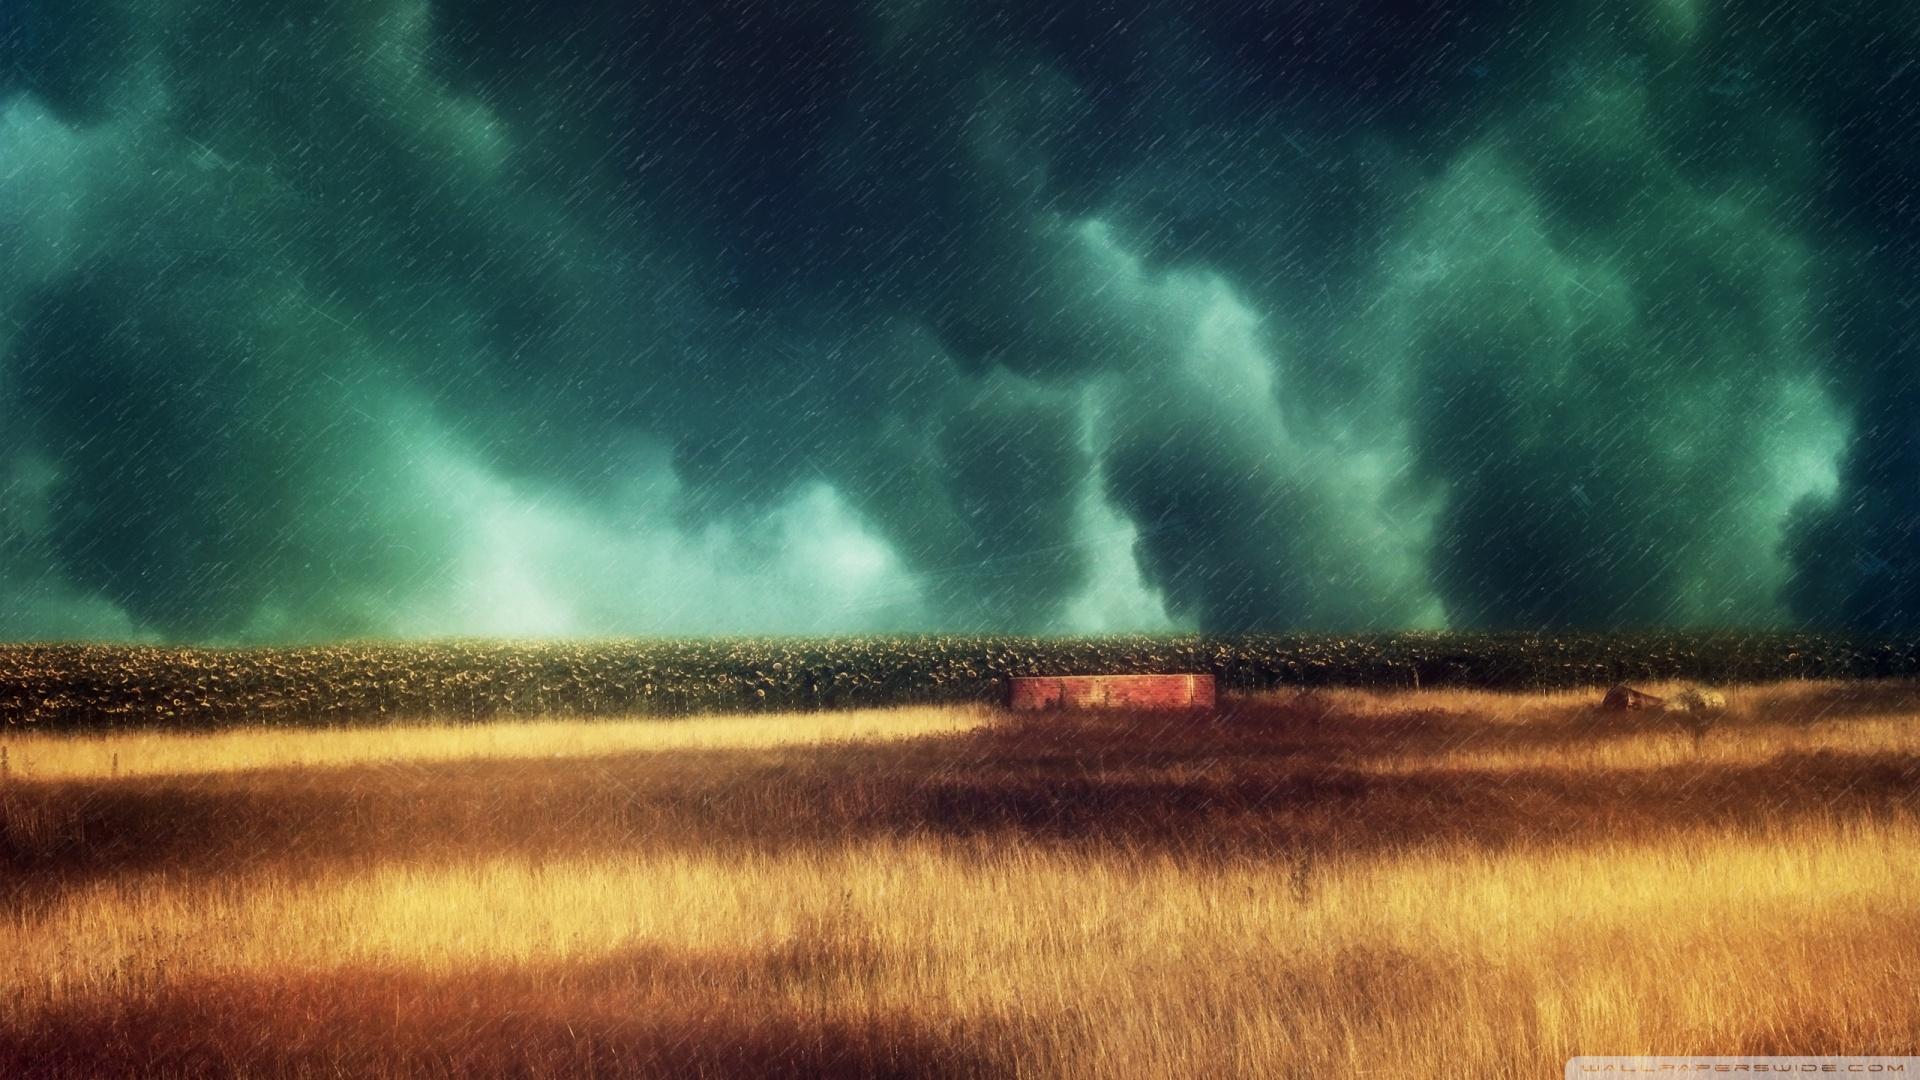 1920x1080 storm wallpaper wallpapersafari